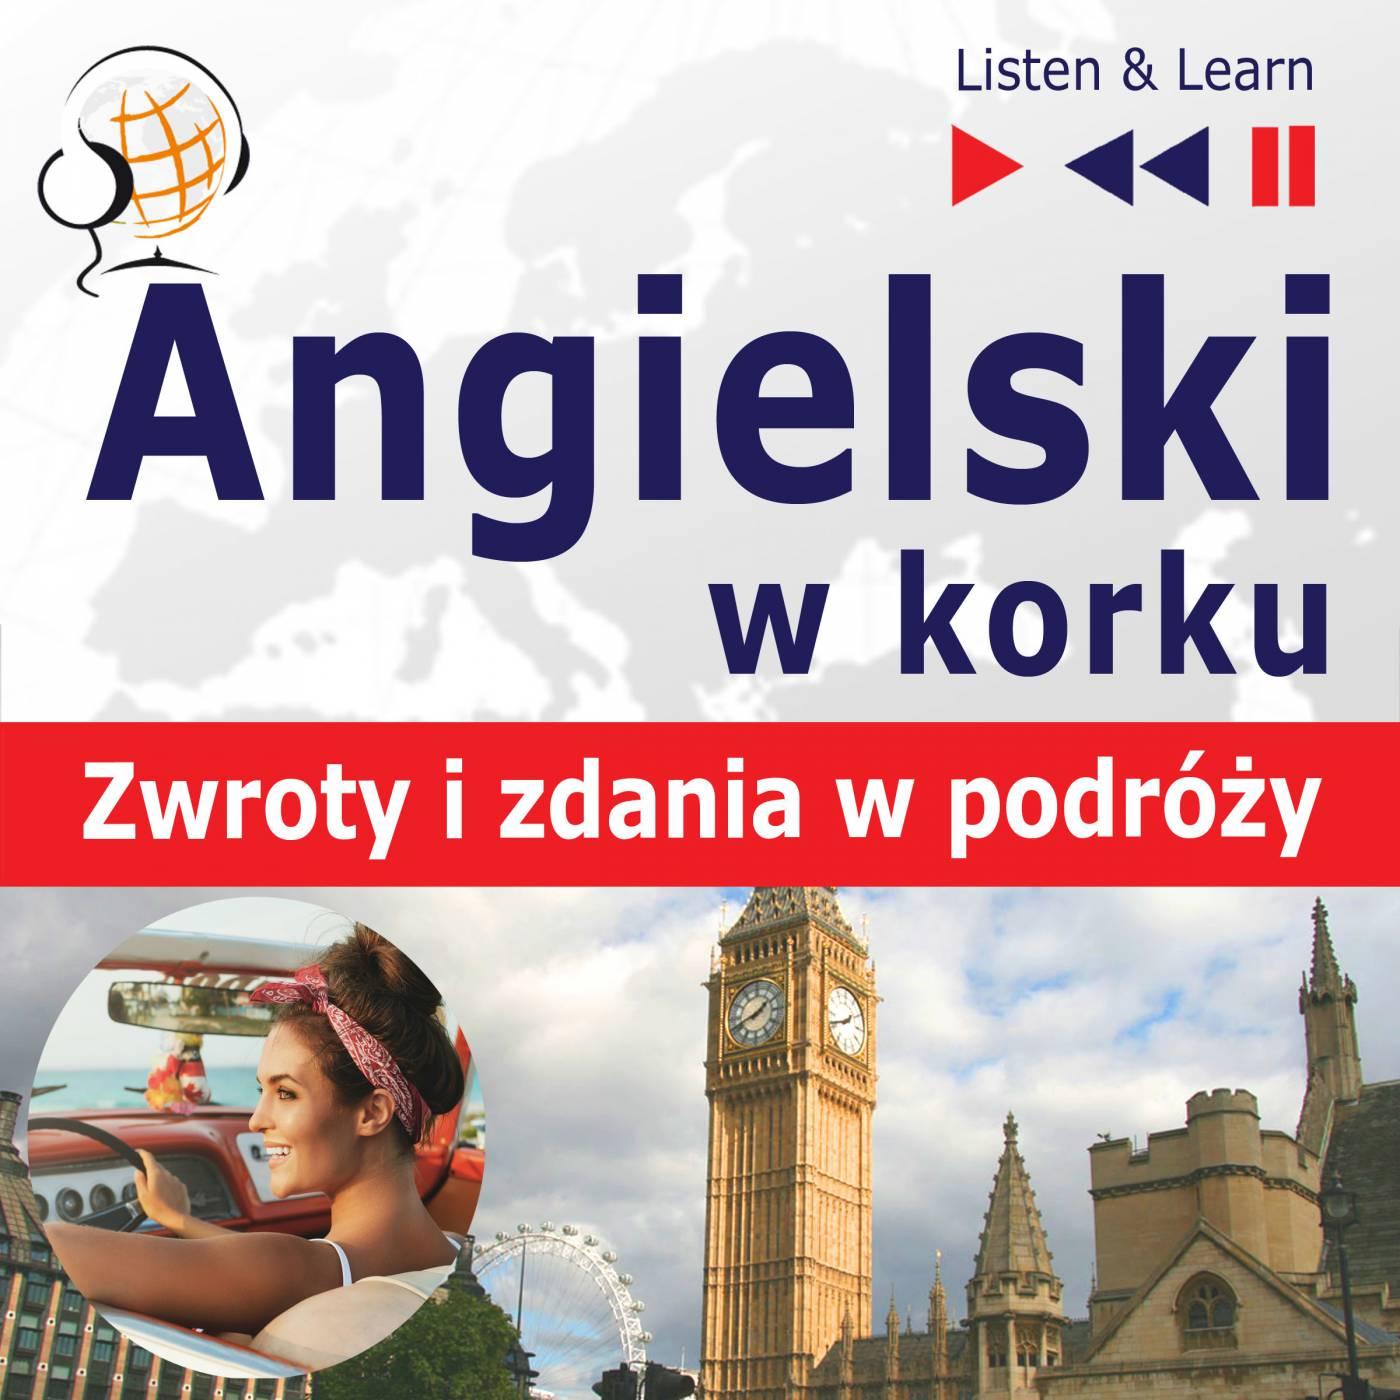 Angielski w korku. Przydatne zwroty i zdania w podróży - Audiobook (Książka audio MP3) do pobrania w całości w archiwum ZIP